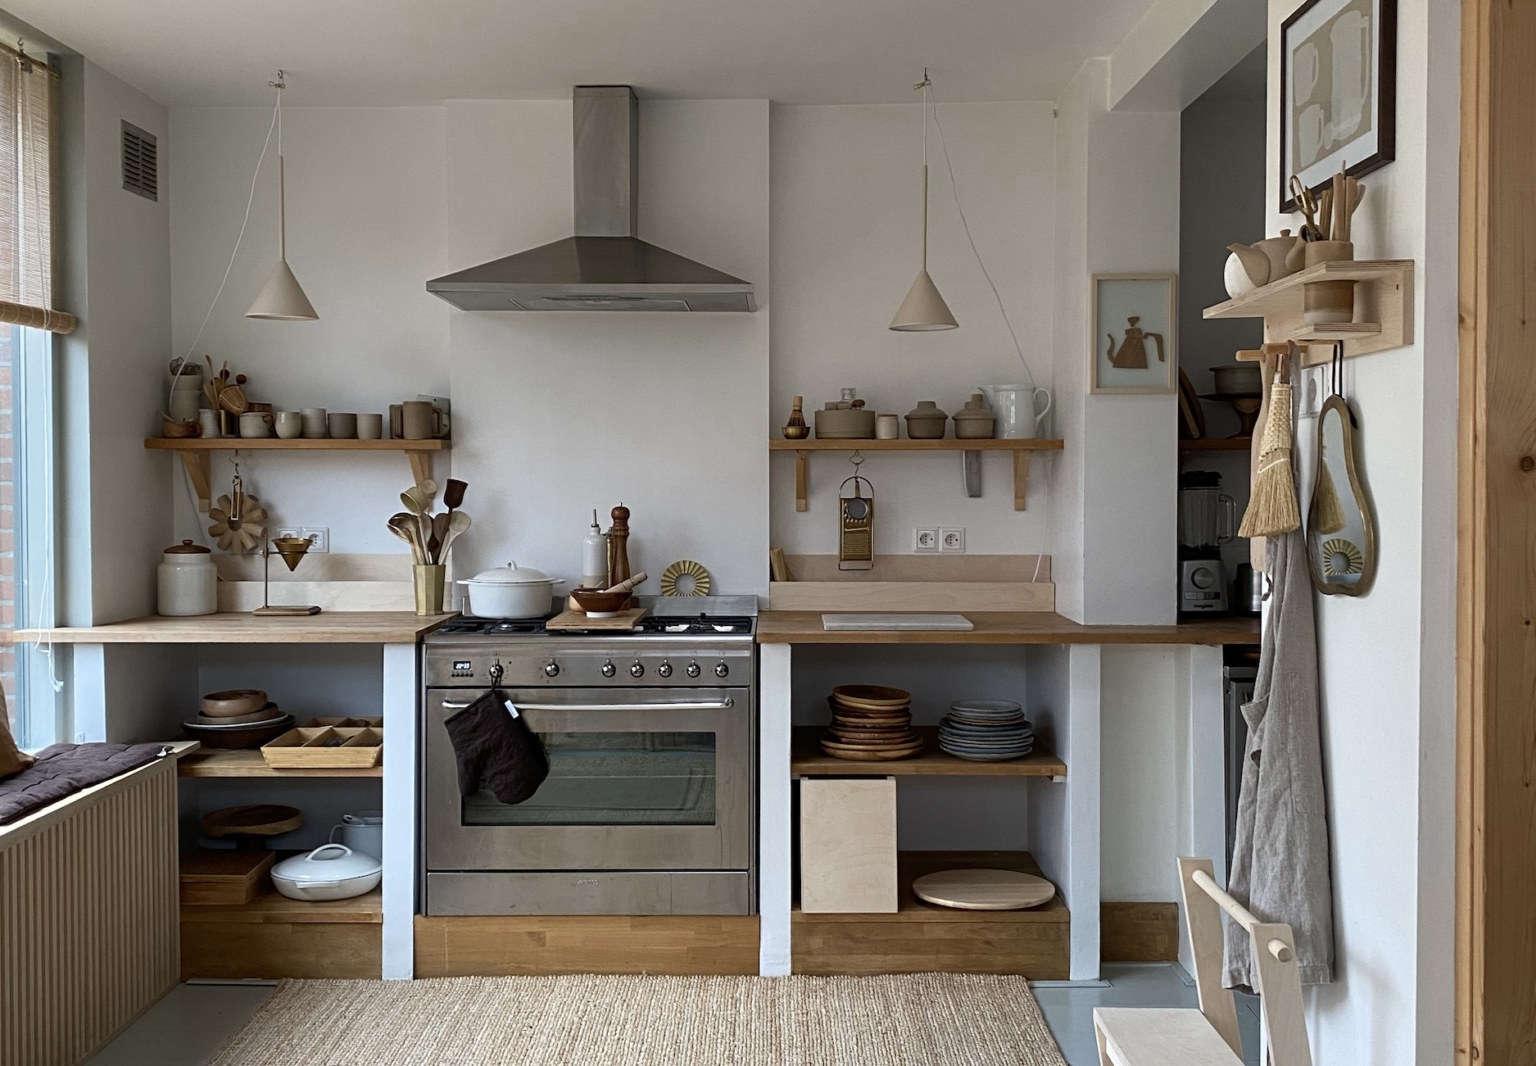 woodchuck tinta luhrman house tour kitchen 1536x1066